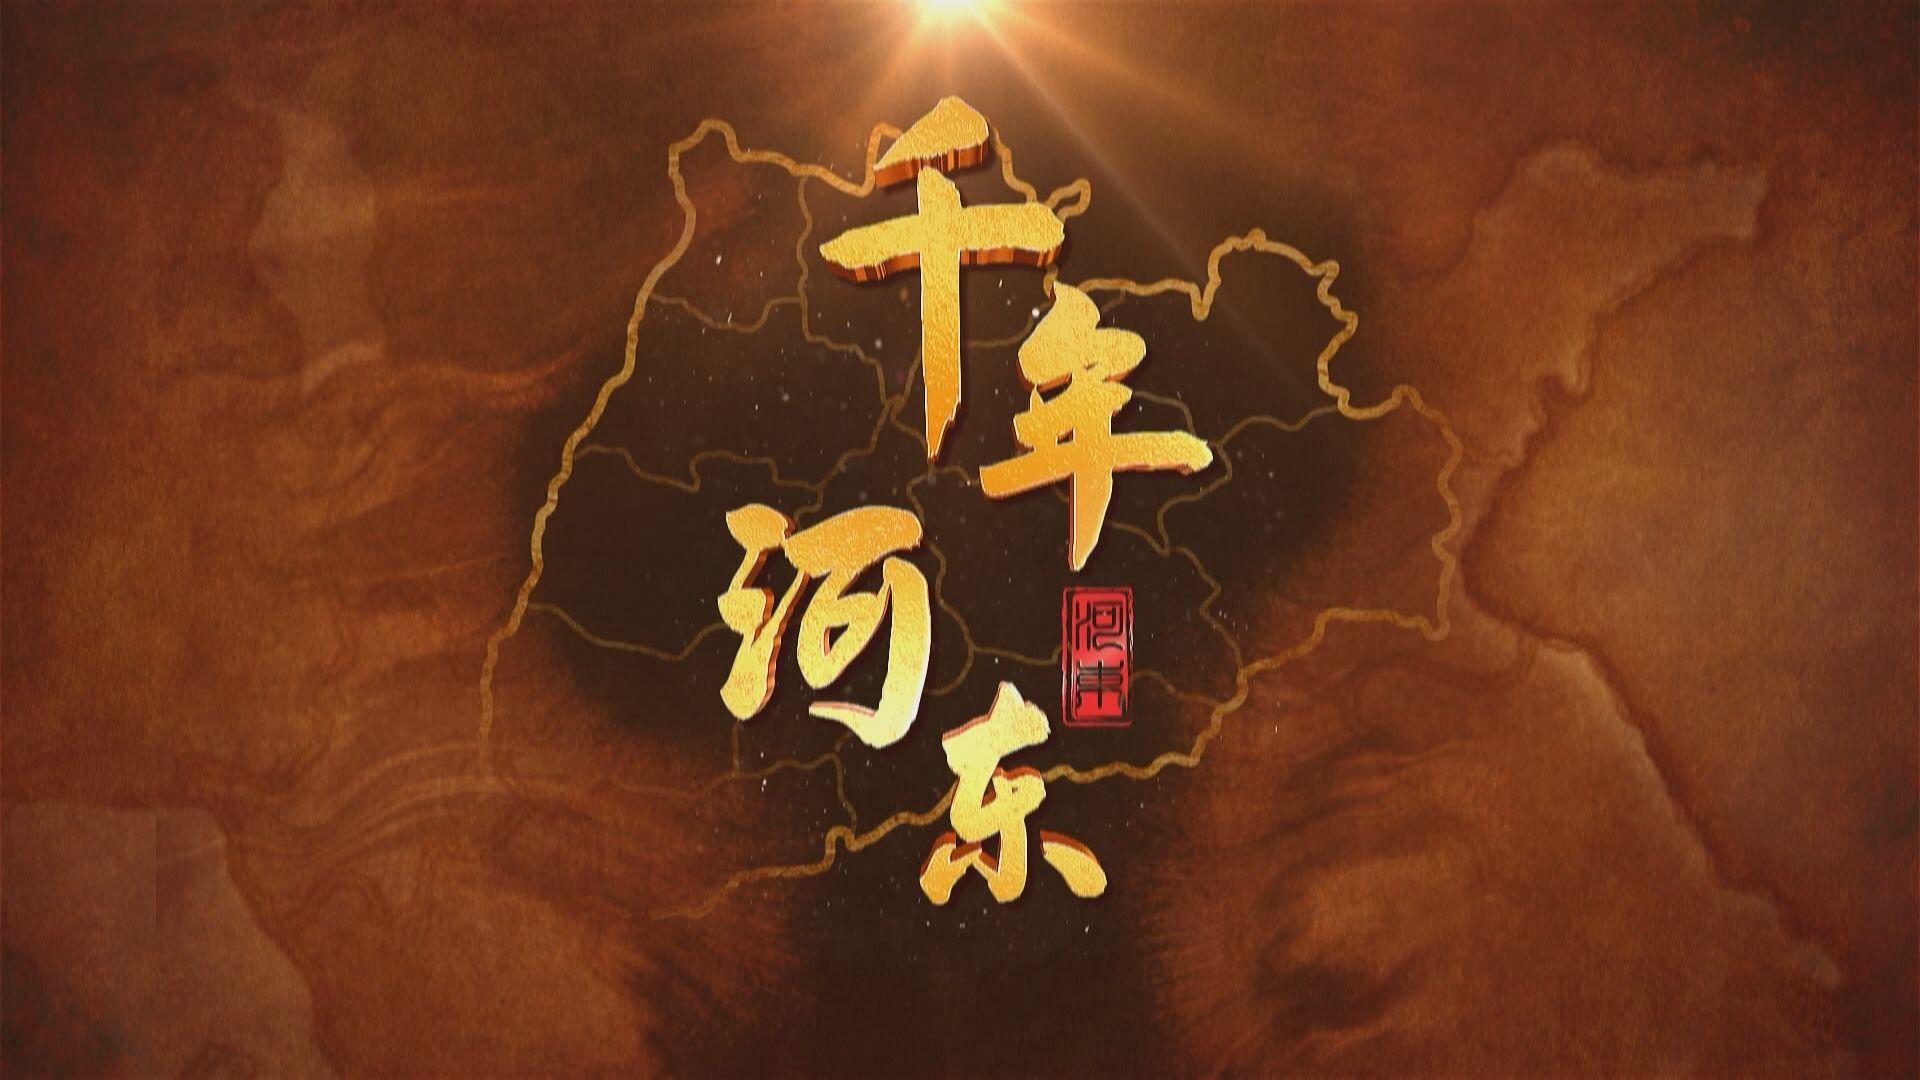 千年河東 國保運城—— 稷山銅印鏨刻